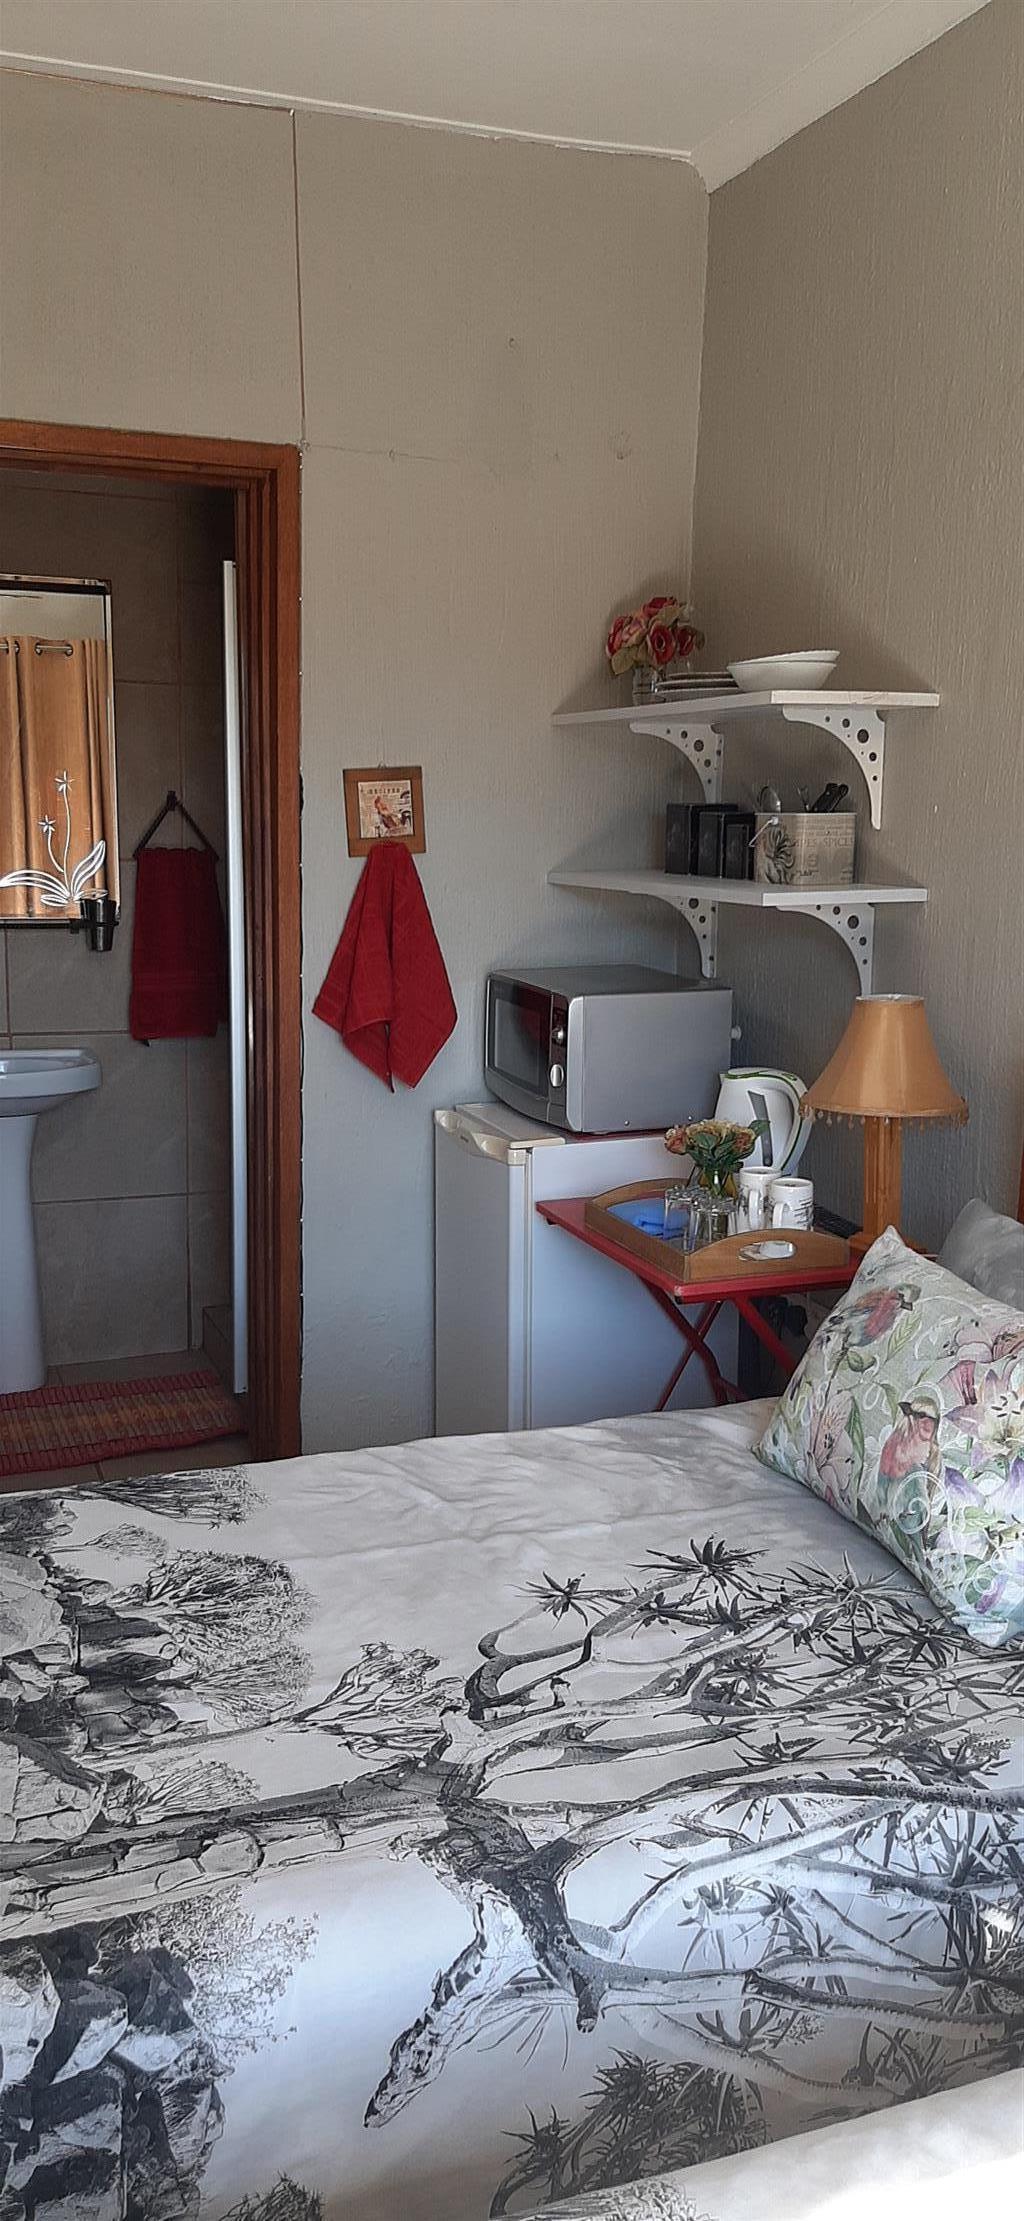 Comfortable furnished Room for Rent Jukskei Park Randburg,